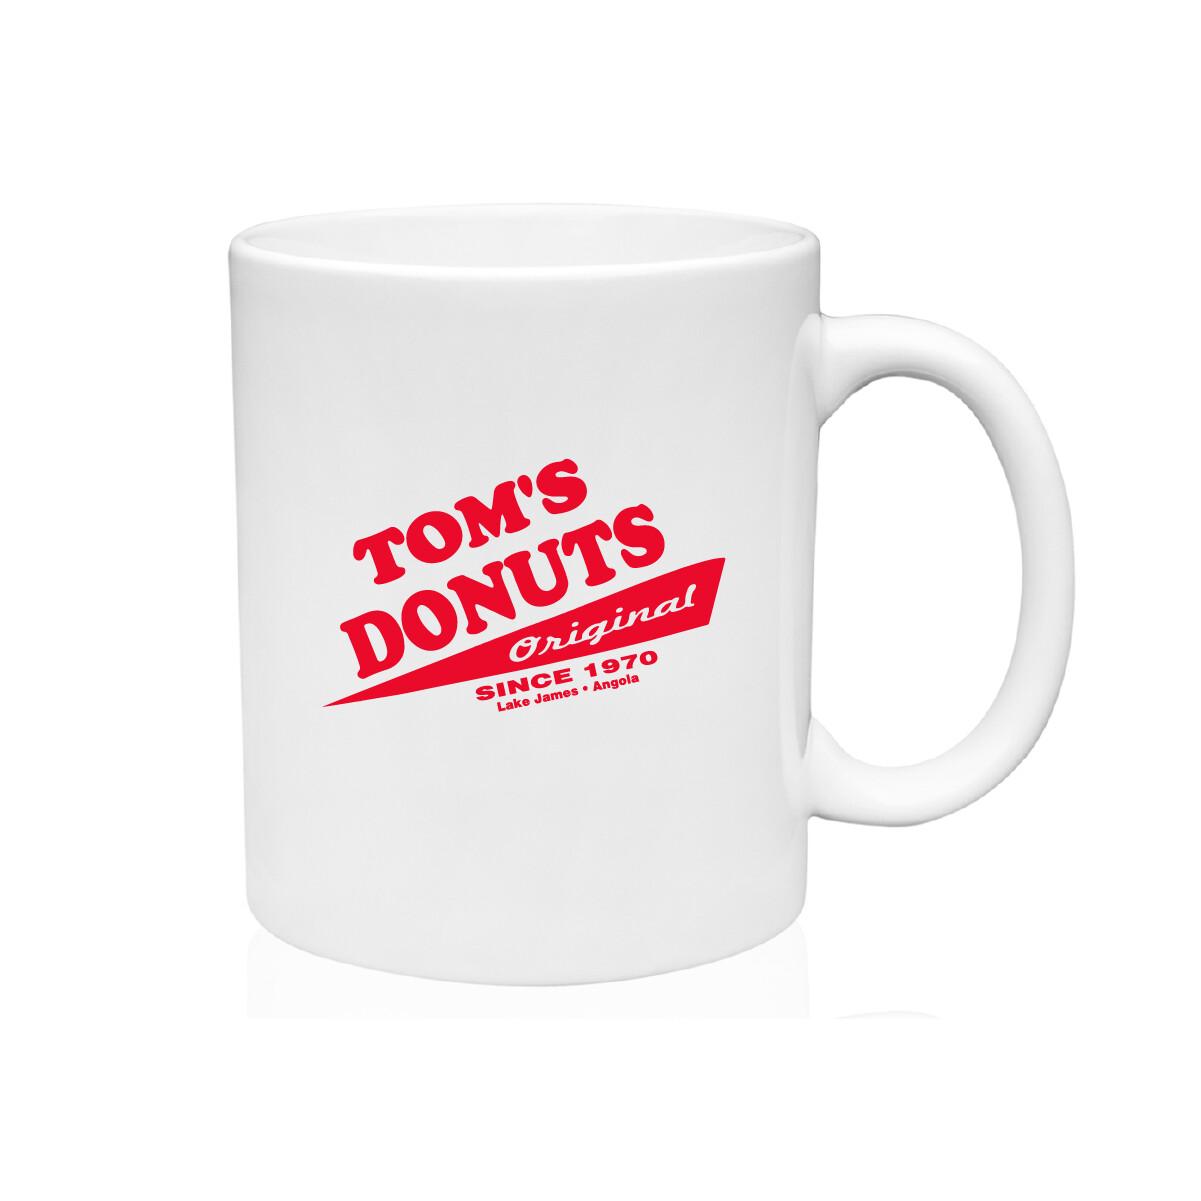 Tom's Donuts Mug - Red Logo